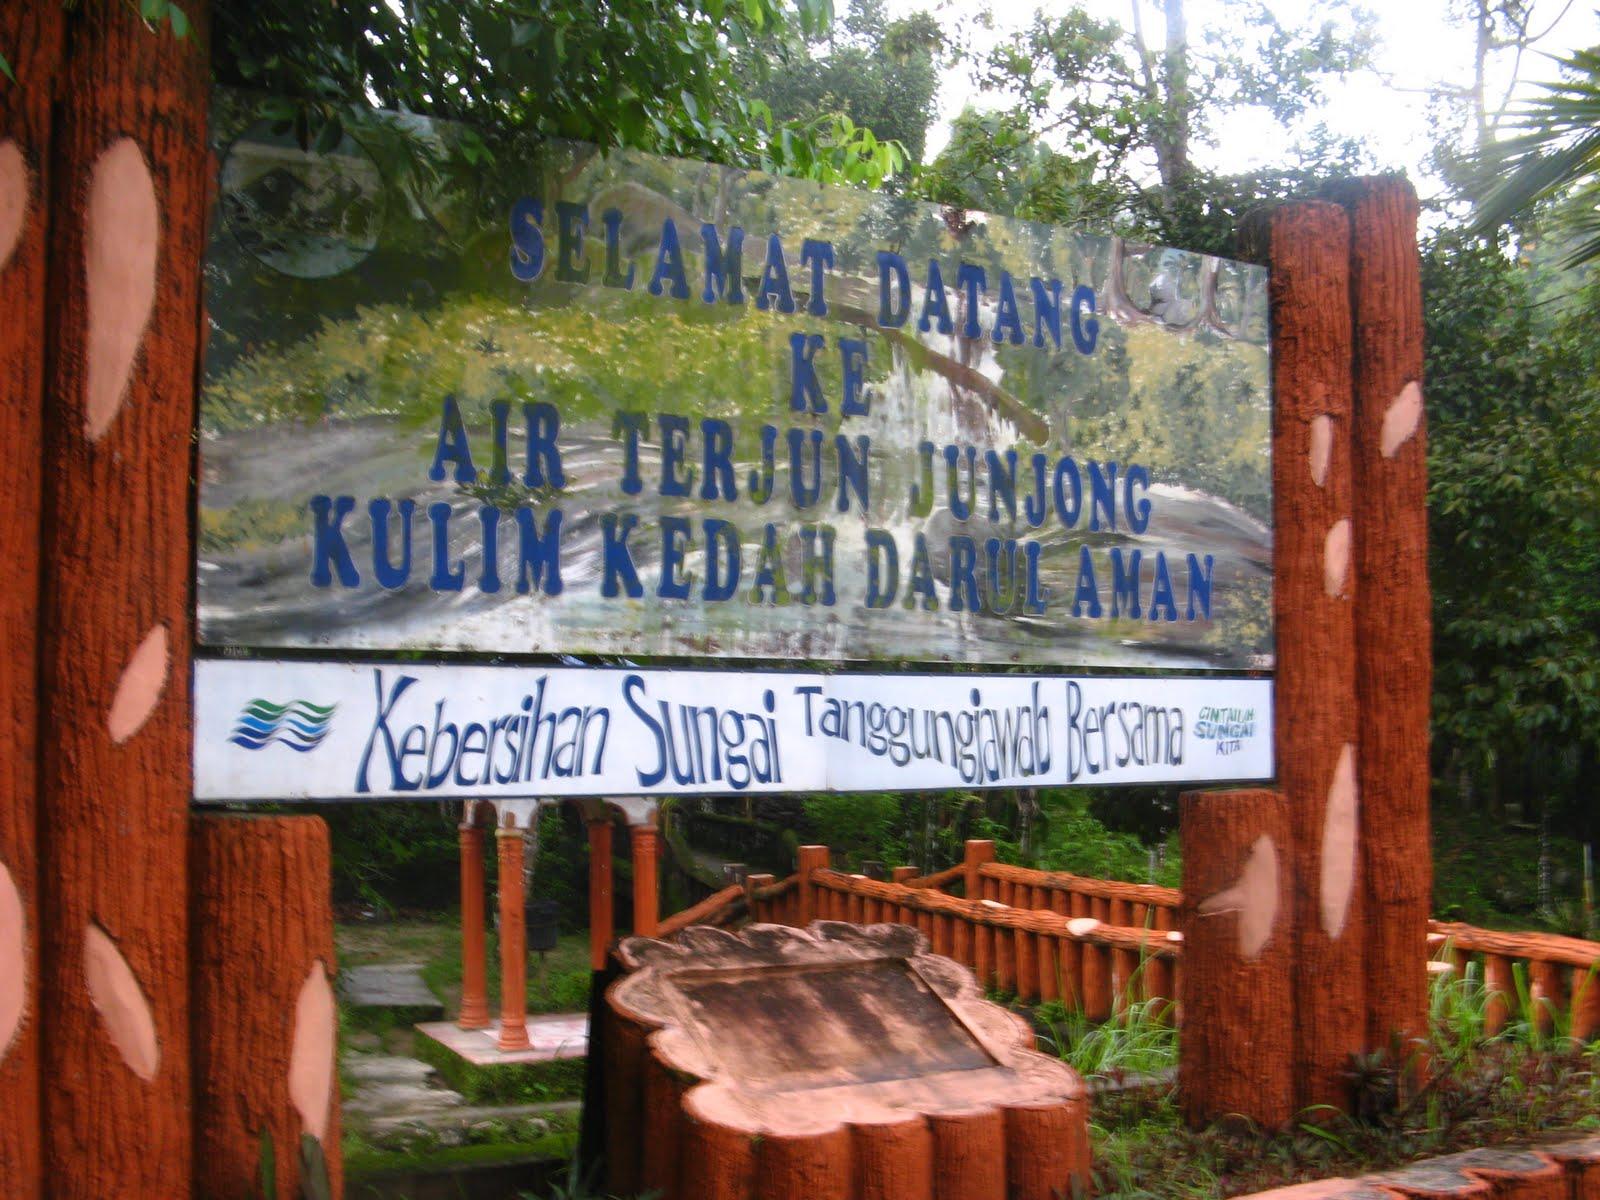 Air Terjun Junjong, Kulim ,Kedah Darul Aman